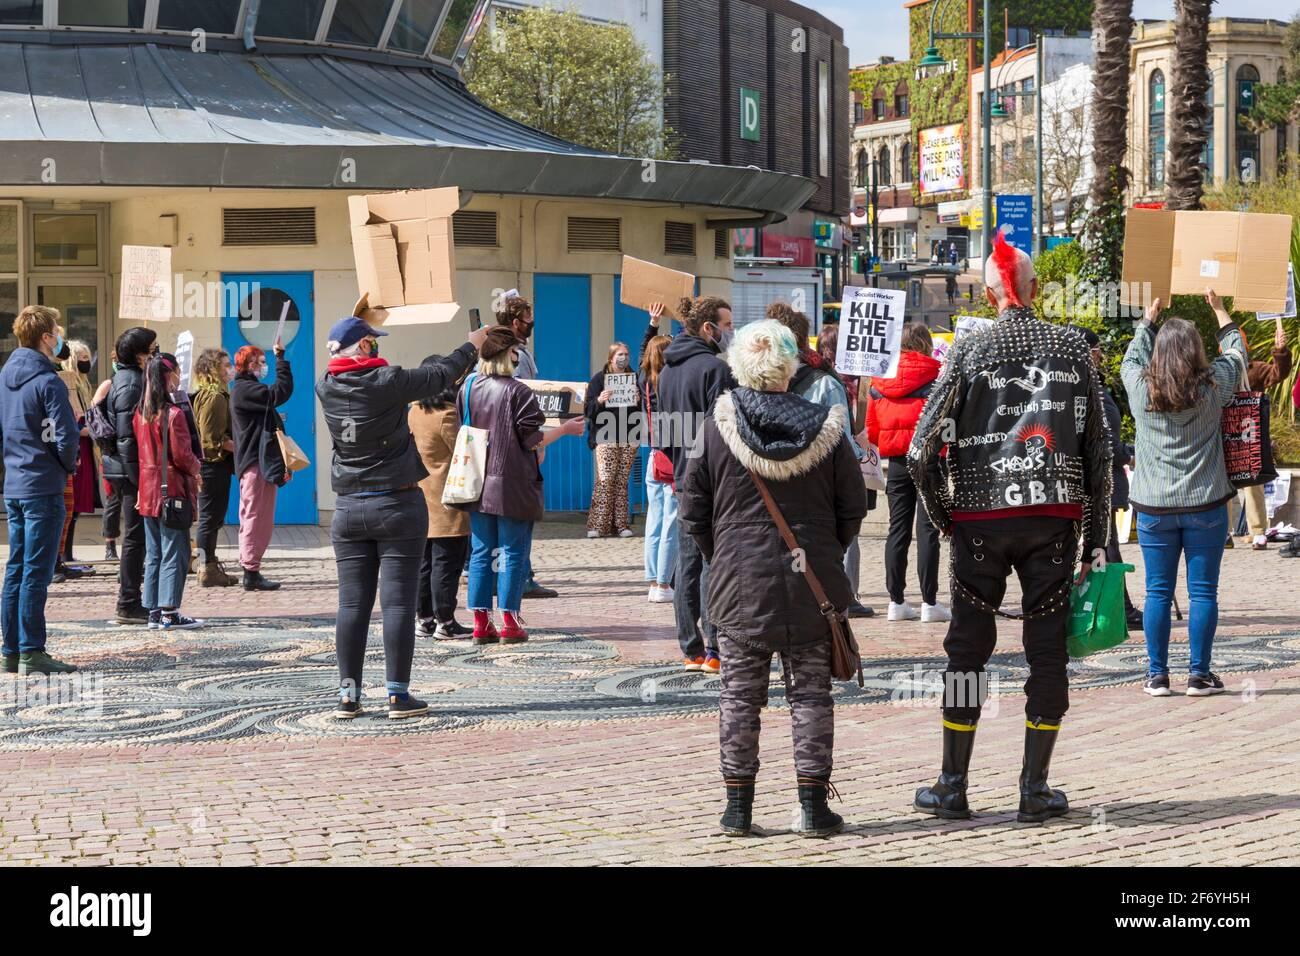 Bournemouth, Dorset Reino Unido. 3rd de abril de 2021. Protesta 'Matar el proyecto de ley' en Bournemouth en oposición al proyecto de ley 2021 sobre la policía, el delito, las sentencias y los tribunales que se encuentra actualmente ante el Parlamento. El proyecto de ley propuesto daría a la policía de Inglaterra y Gales más poder para imponer condiciones a las protestas no violentas. La protesta es una de las varias que tienen lugar en todo el país como parte de un plan para el Fin de Semana Nacional de Acción durante el fin de semana de Semana Santa, mientras se adhiere a las restricciones de cierre de Covid-19 Coronavirus. Crédito: Carolyn Jenkins/Alamy Live News Foto de stock